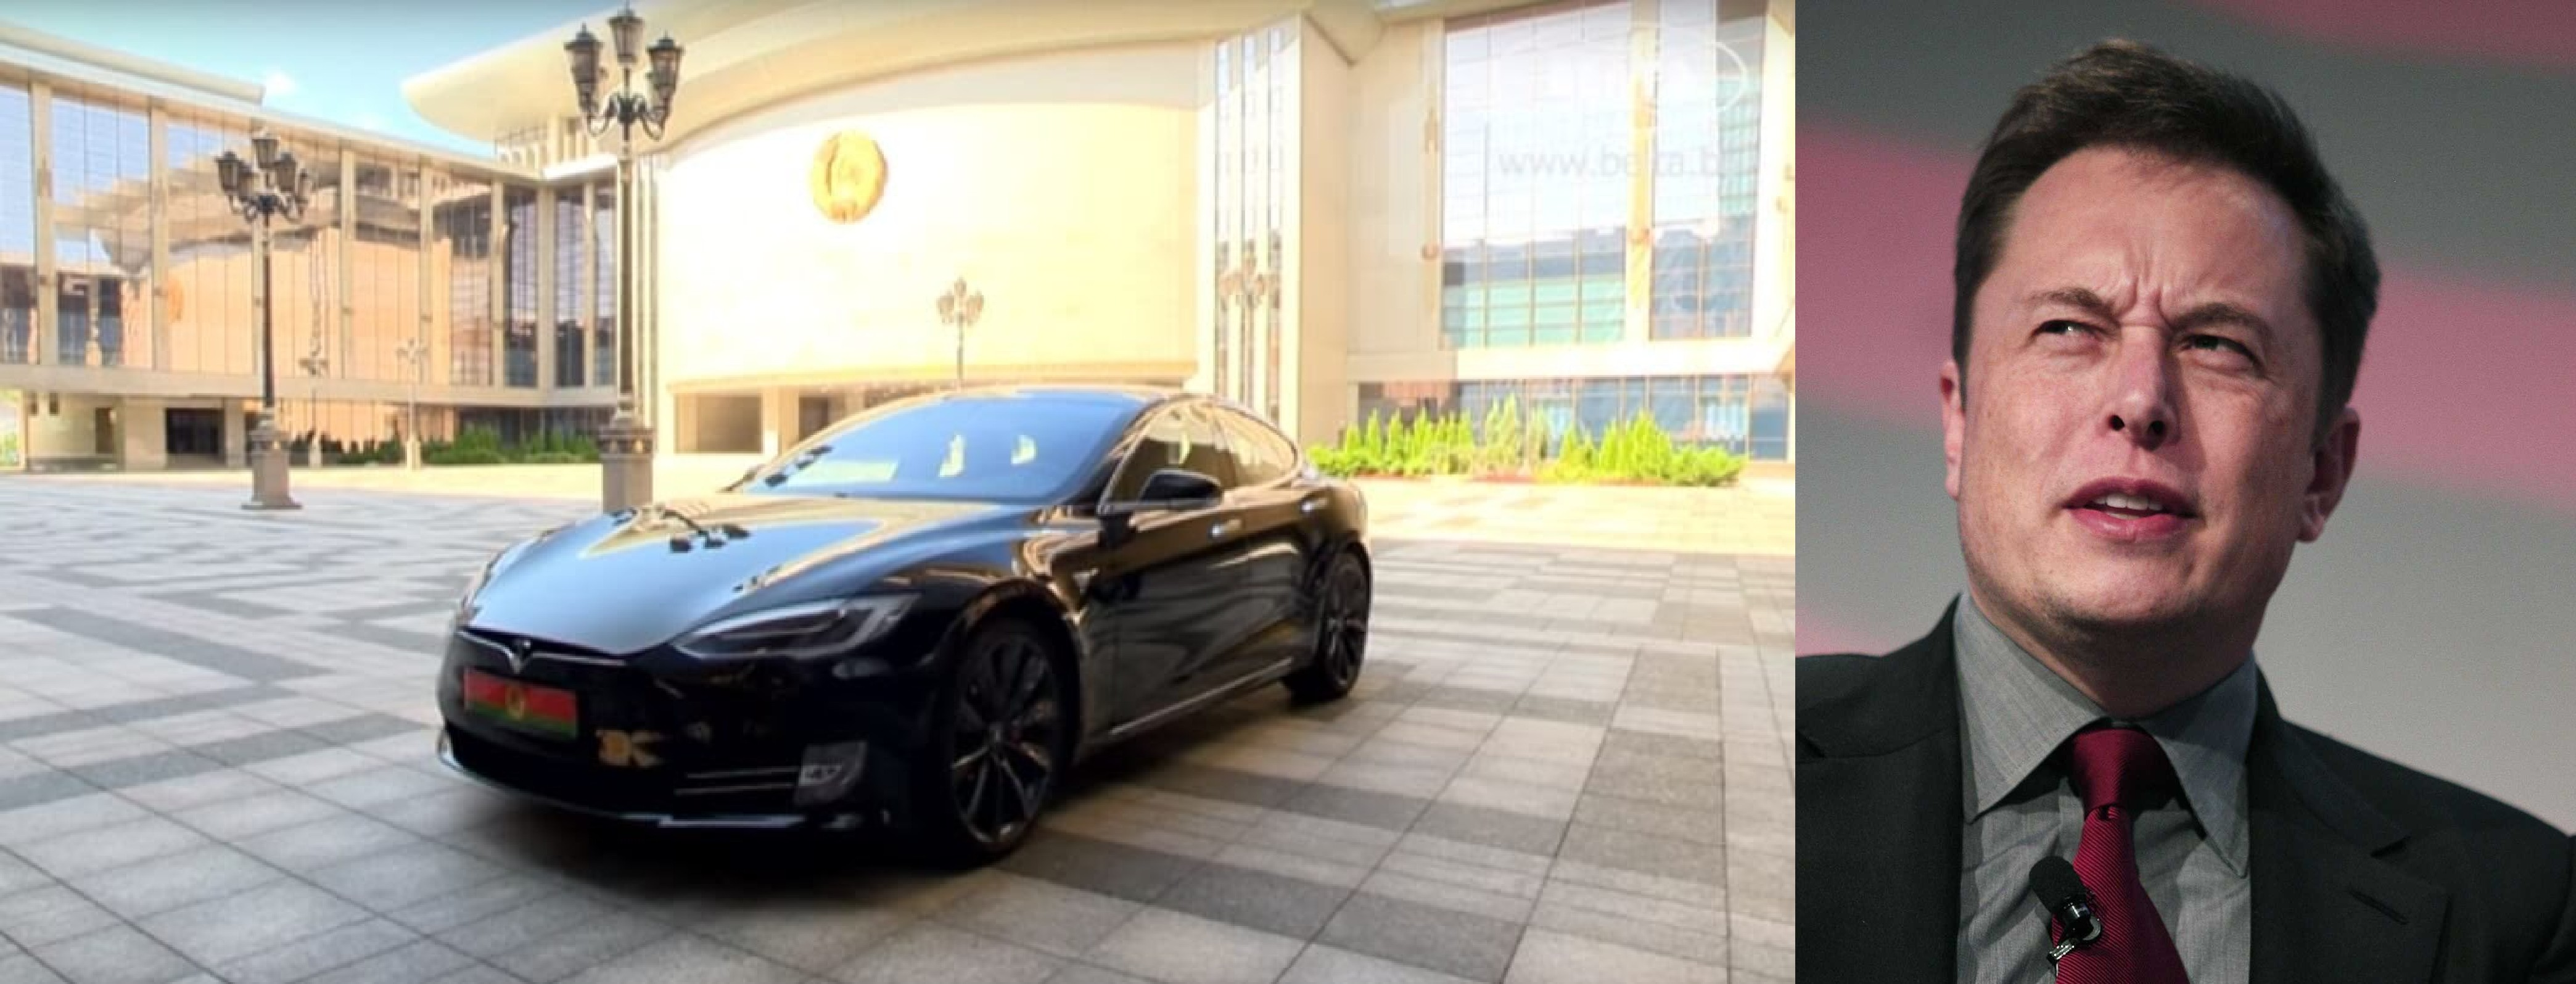 Lukašenko: Dobih Model S na poklon od Ilona; Mask: O, ne! (VIDEO)